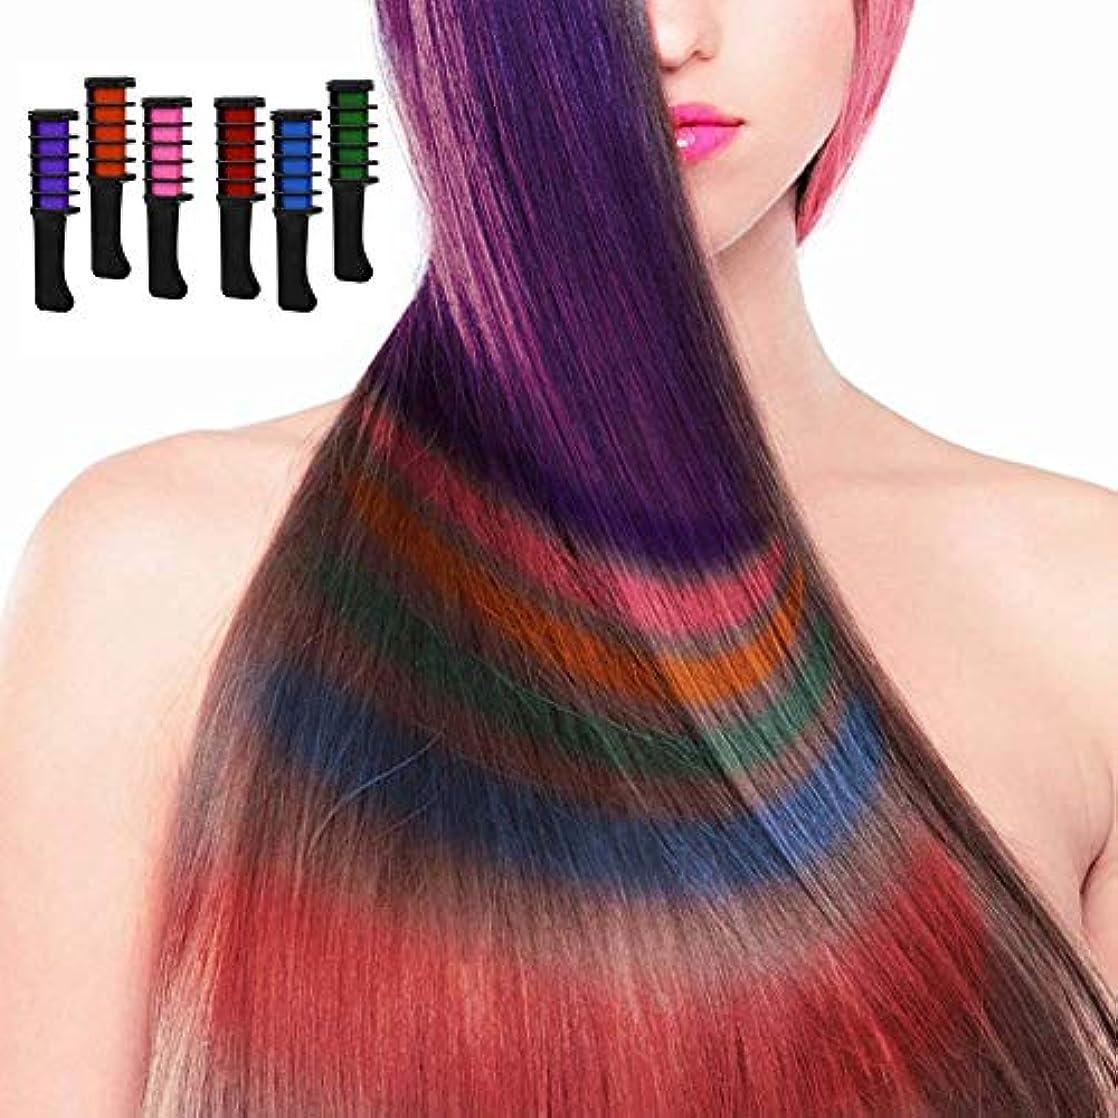 確率振る舞うこの使い捨てヘアダイスティック一時的なヘアカラークリームはすべての髪の色で動作しますDIYパーティーコスプレハロウィン(6色)